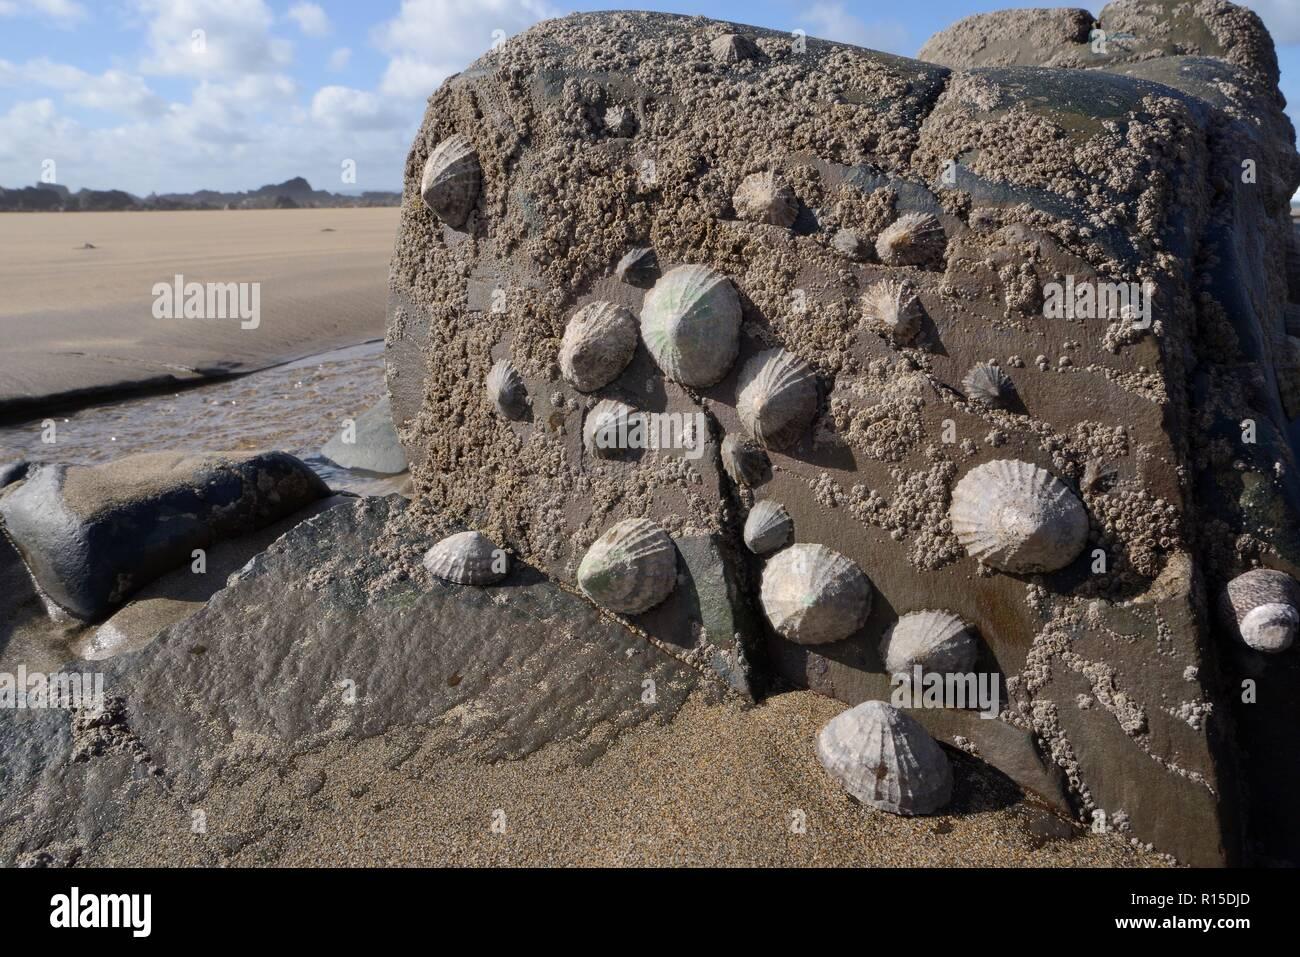 Lapa común (Patella vulgata) y Acorn percebes (Semibalanus balanoides) conectados a rocas intermareales, expuestos por la caída de una marea, Cornualles, en el REINO UNIDO Foto de stock